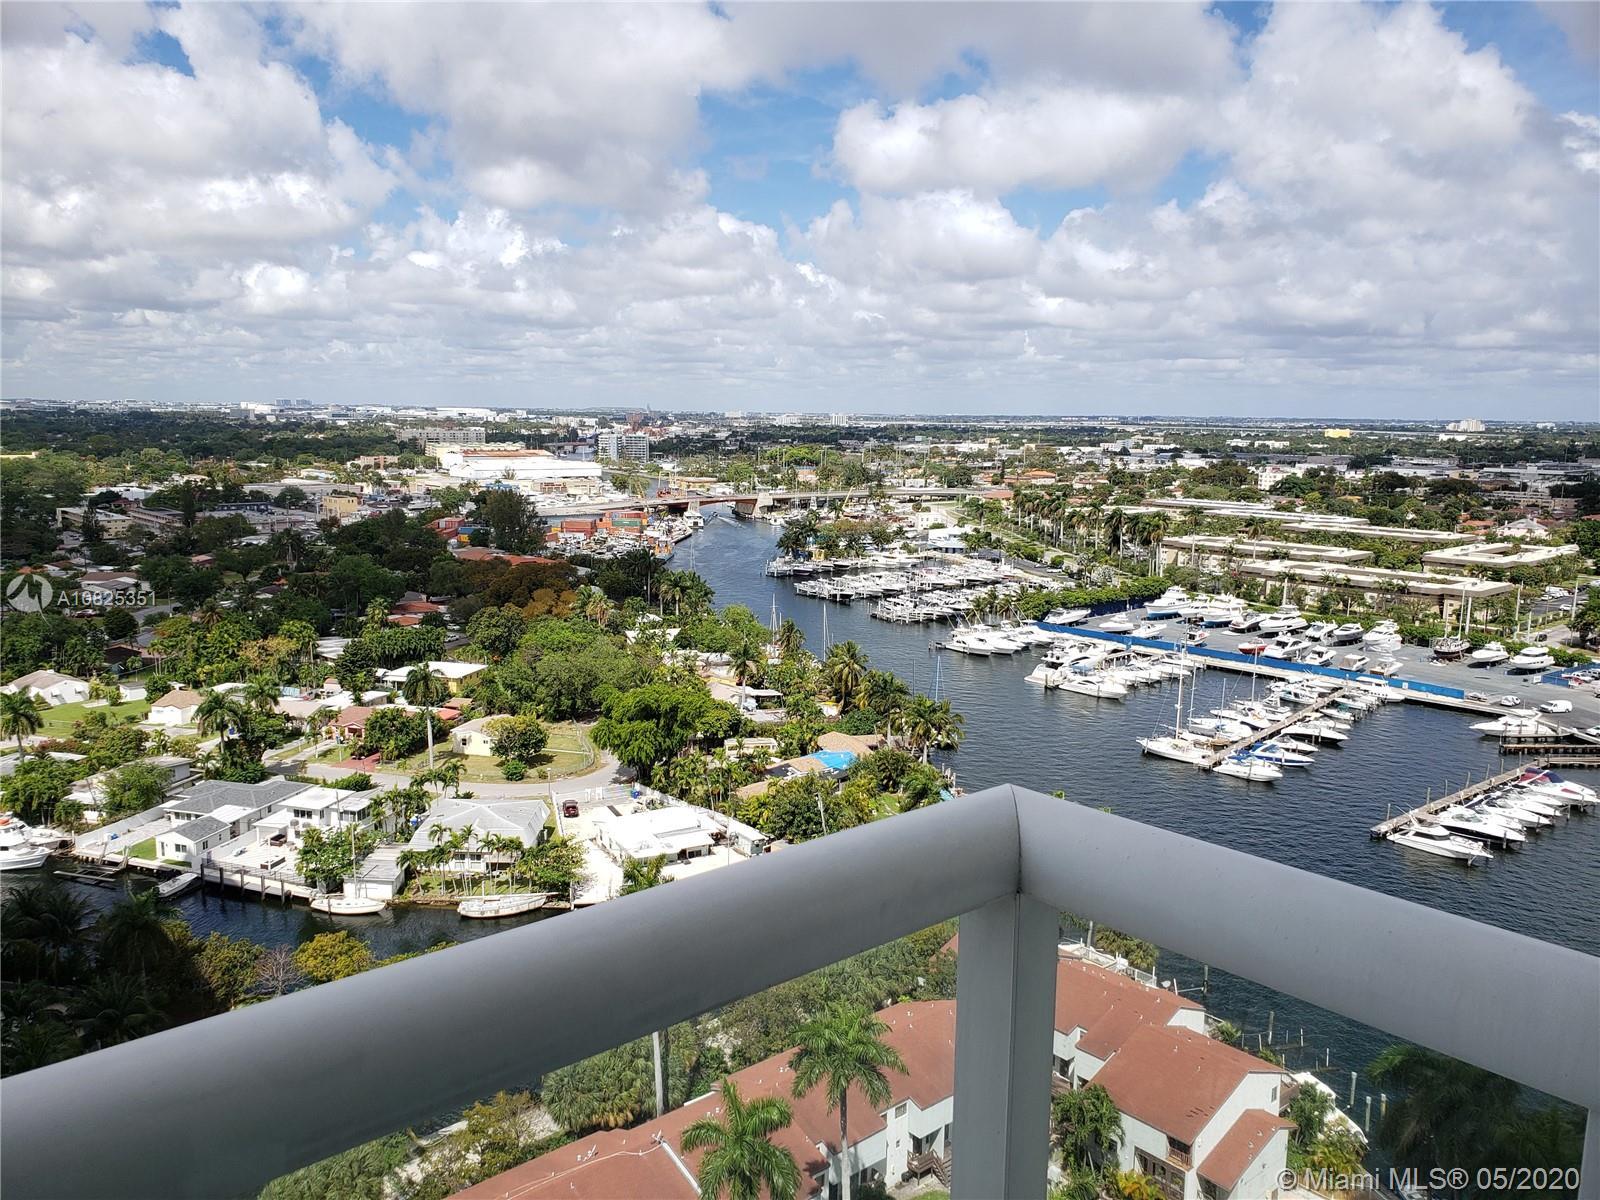 1861 NW S River Dr #2101, Miami, FL 33125 - Miami, FL real estate listing